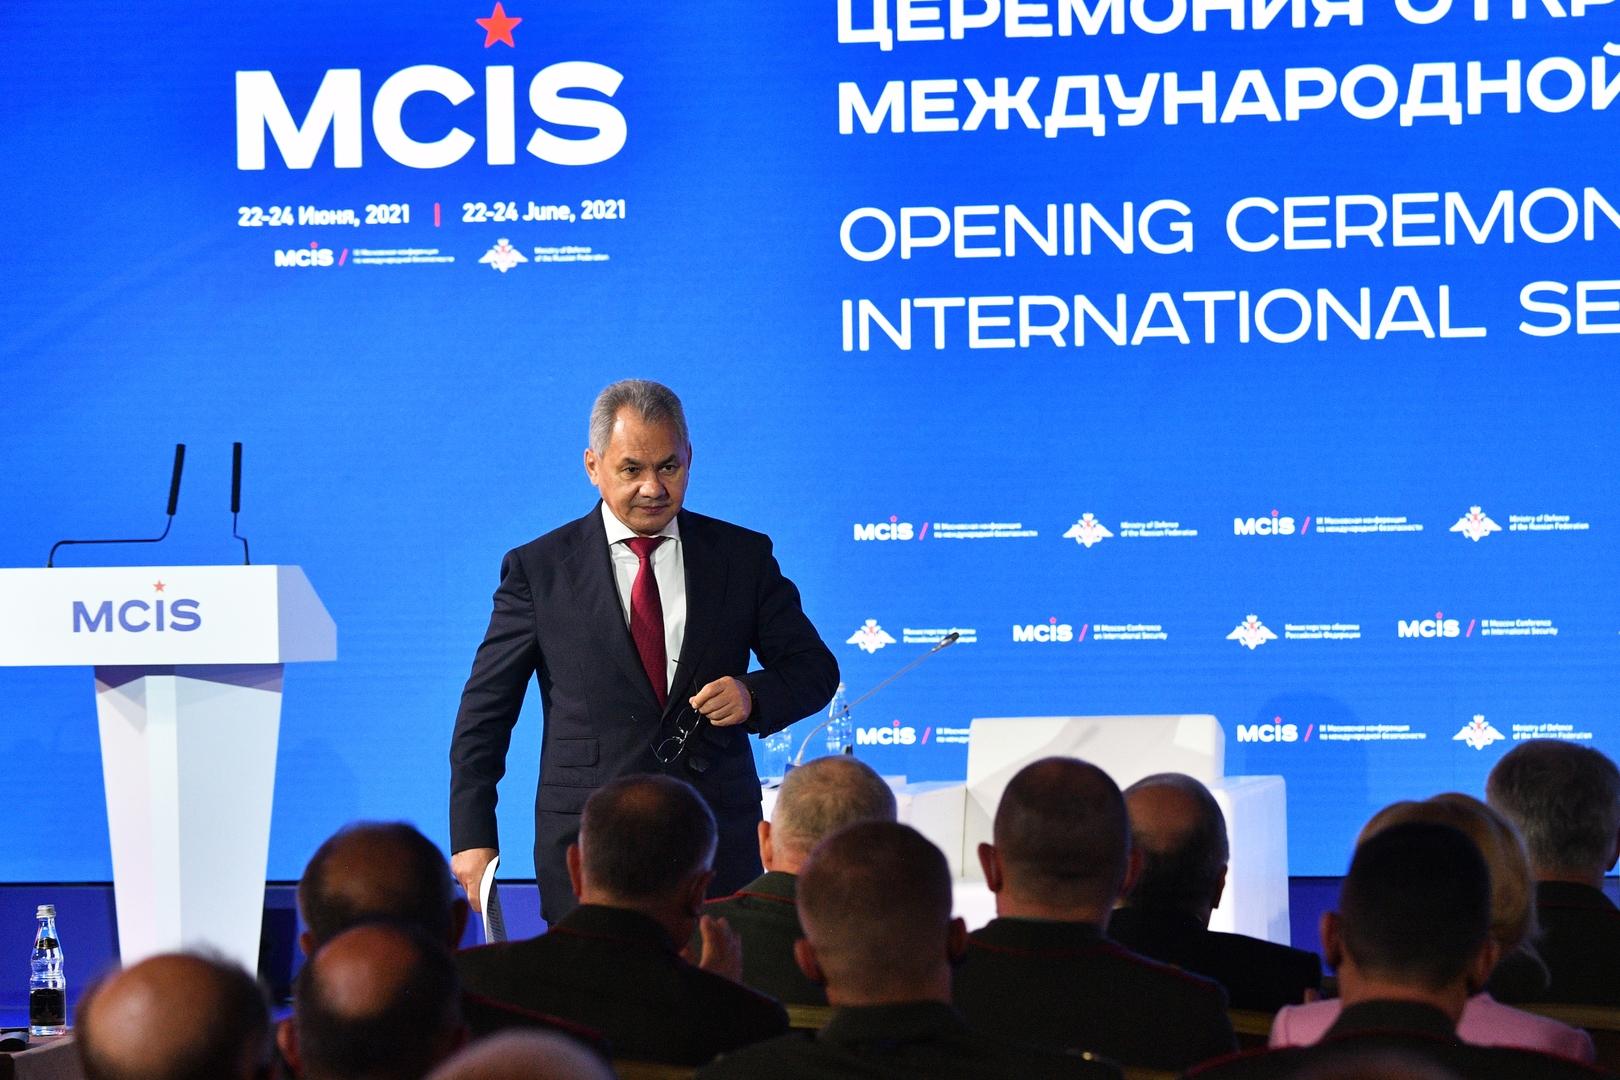 وزير دفاع روسيا يكشف أخطر تهديد في الشرق الأوسط وإفريقيا